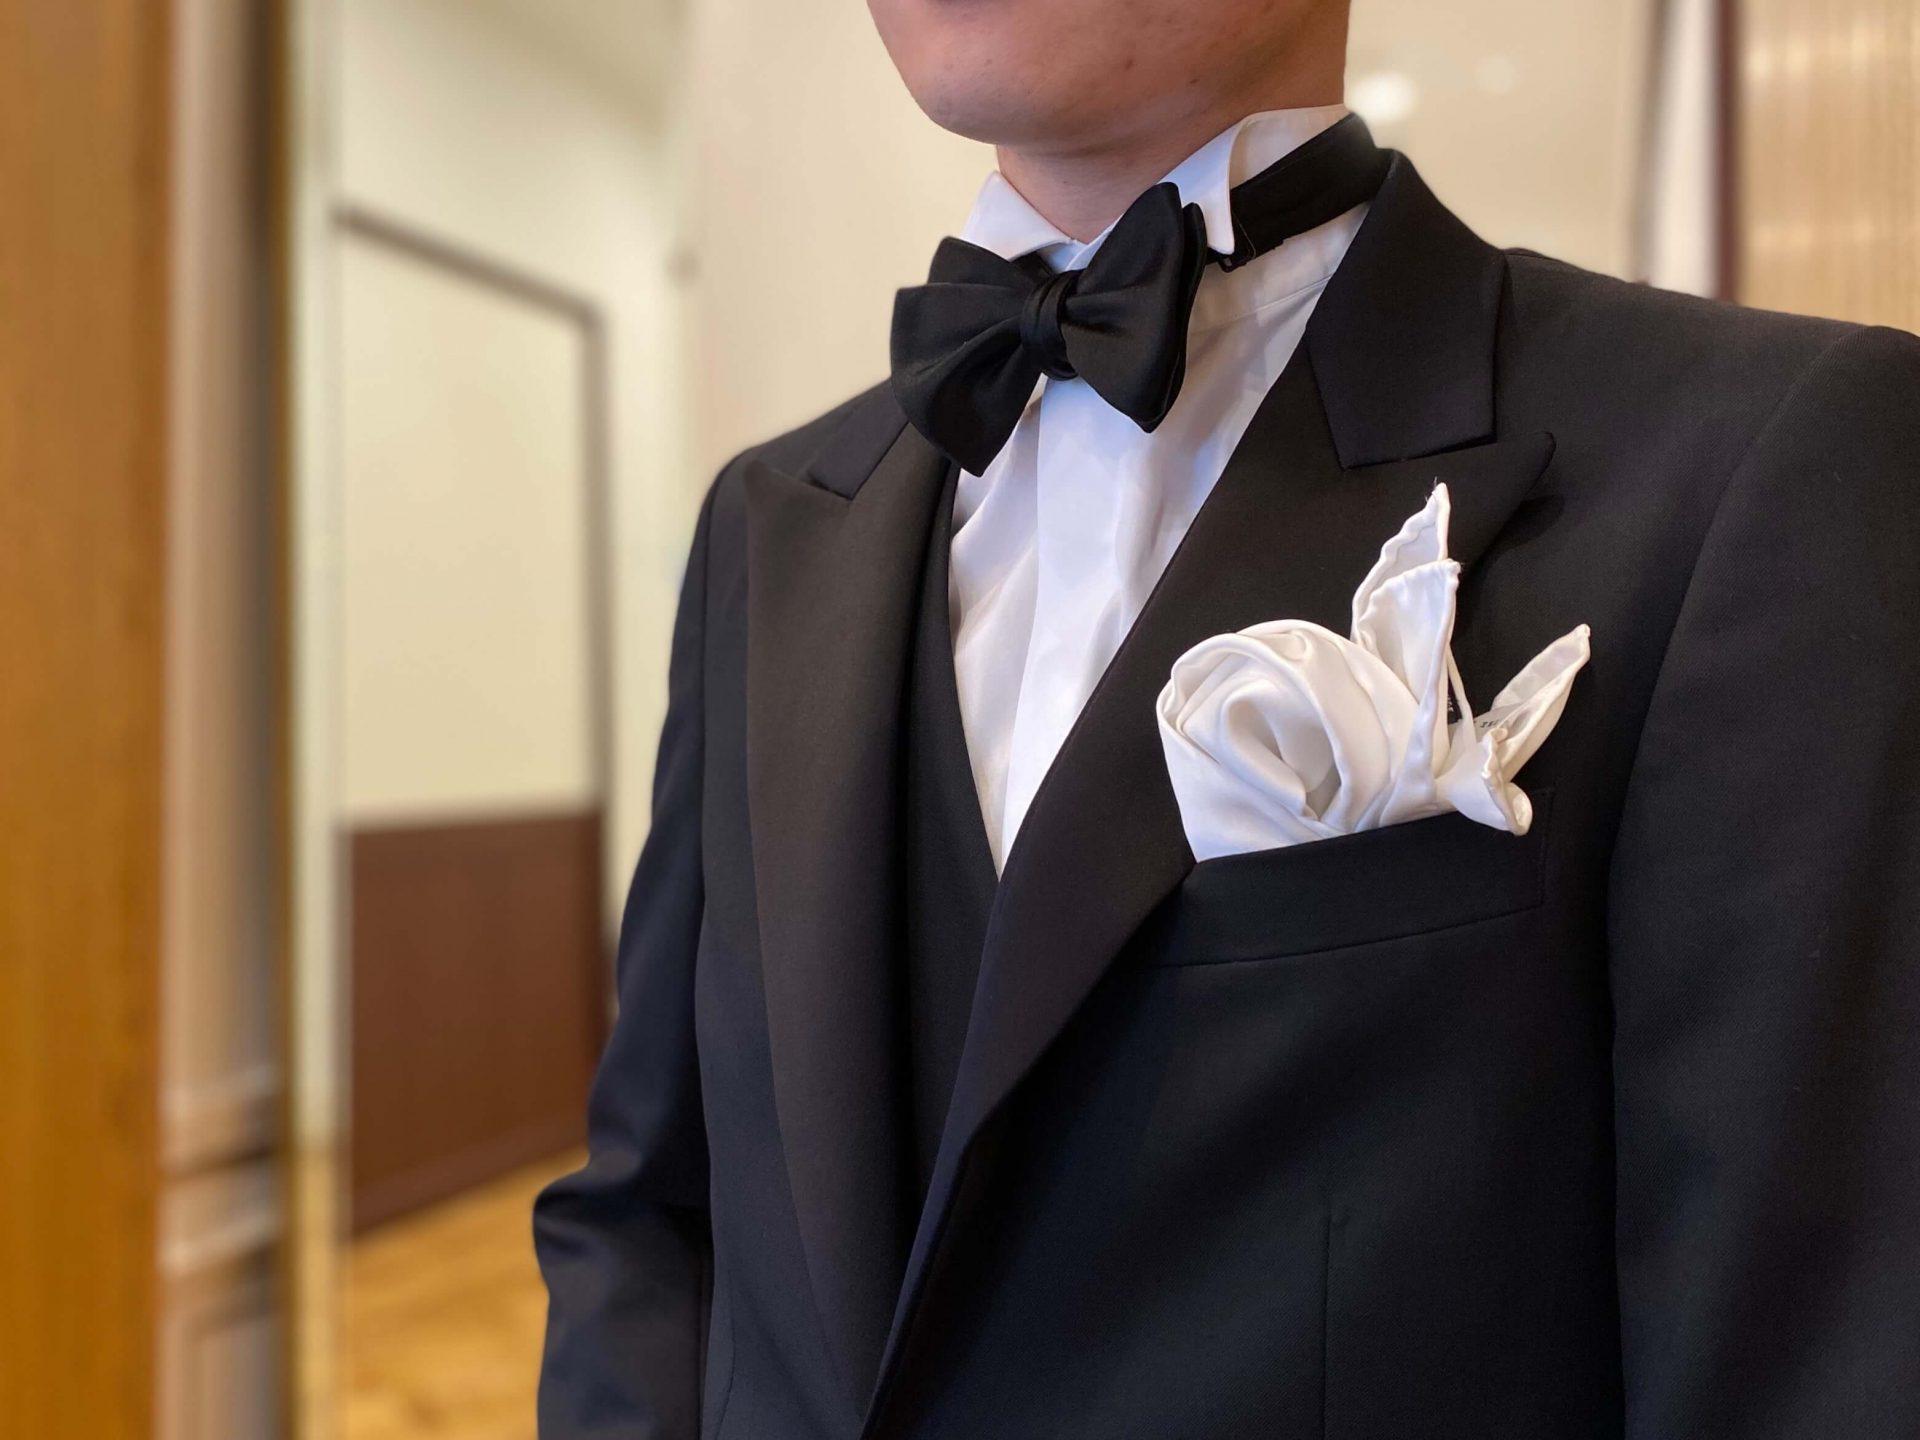 ブラックタイと光沢のあるチーフでまとめた新郎様のフォーマルスタイル